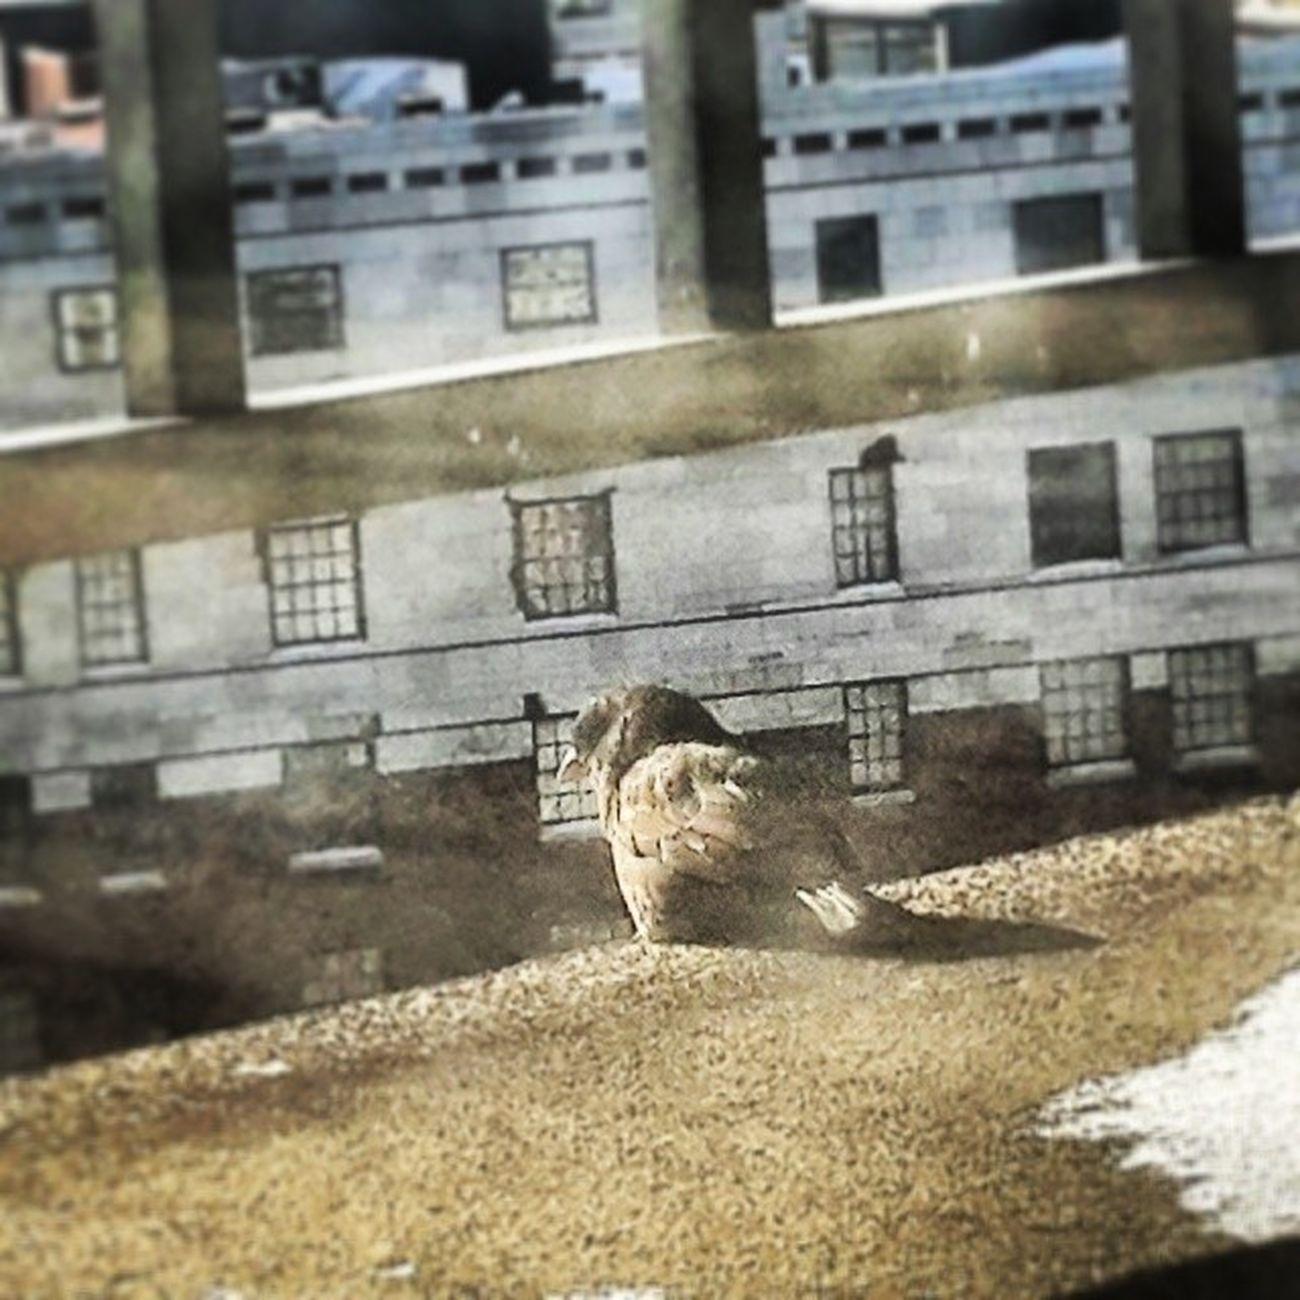 لو أستطيعُ لطِرْتُ إليكِ شَوقاً ، وكيفَ يطيرُ مقصوصُ الجناحِ ؟ تصويري  المصورون_العرب عدستي يومياتي ذكريات مبتعث احتراف طبيعة love سياحة سفر saudiinus طيور usa us كليفلايند اوهايو امريكا cleveland ohio oh euclid winter 2014 lonely missing waiting mobt3th